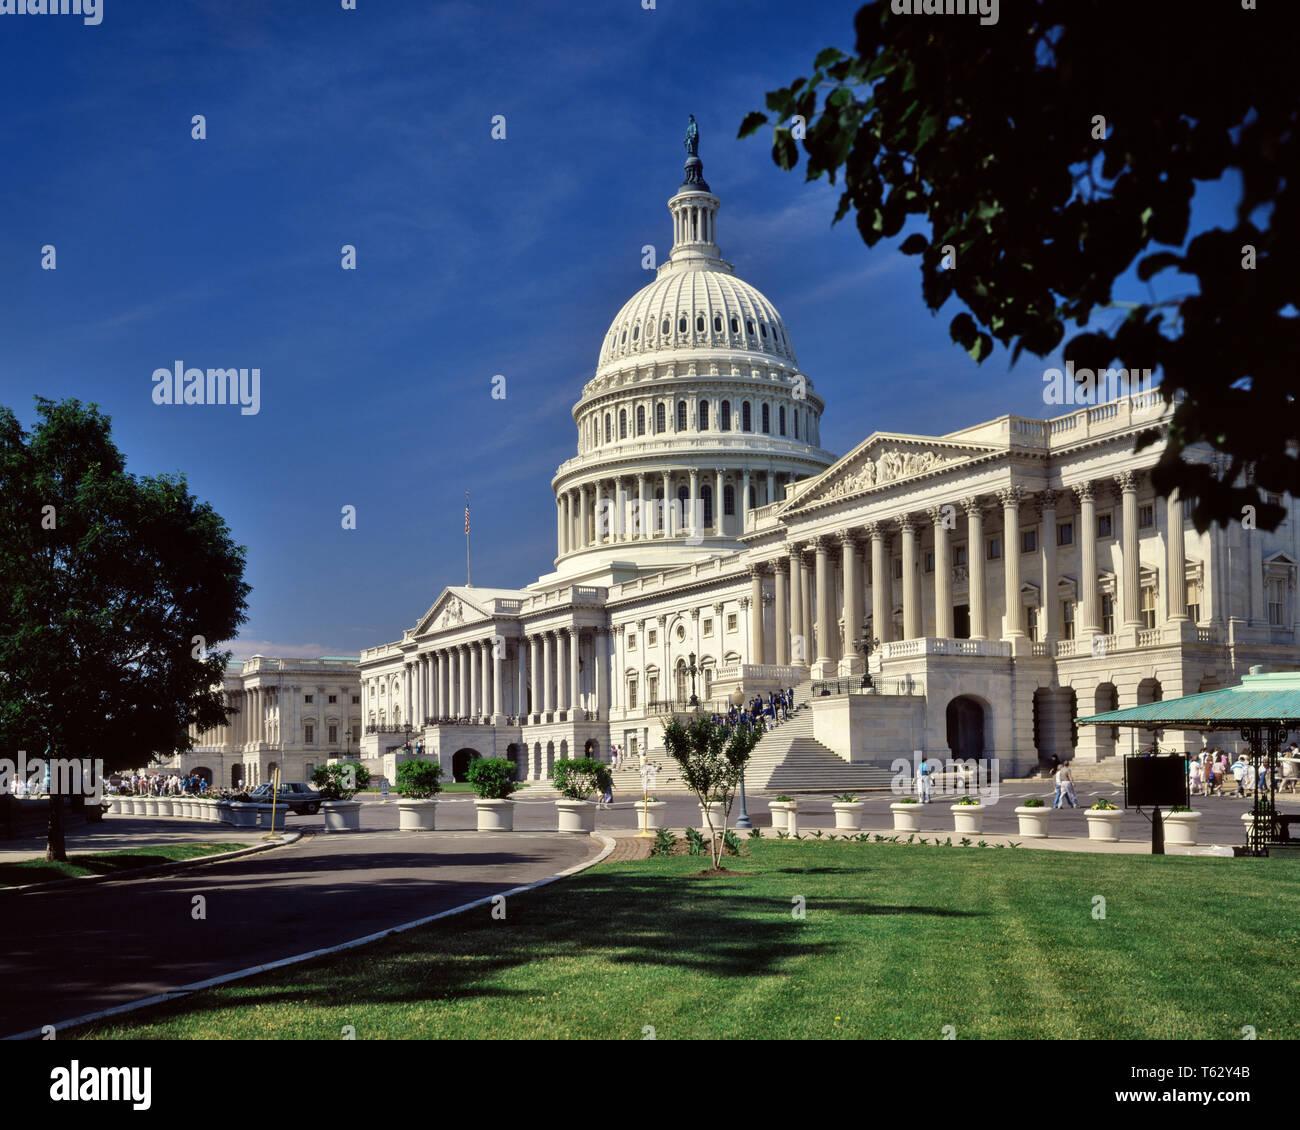 1980 LE SÉNAT AILE DROITE ET CAPITOL WASHINGTON DC USA - KR69076 KRU001 HARS VOYAGES USA LE SÉNAT DROIT POLITIQUE CAPITAL REAL ESTATE DOME STRUCTURES ASSEMBLÉE LÉGISLATIVE ÉDIFICE WASHINGTON DC CAPITOL HILL RESORTS CONGRÈS CAPITALE FÉDÉRALE DE DISTRICT Old Fashioned Photo Stock